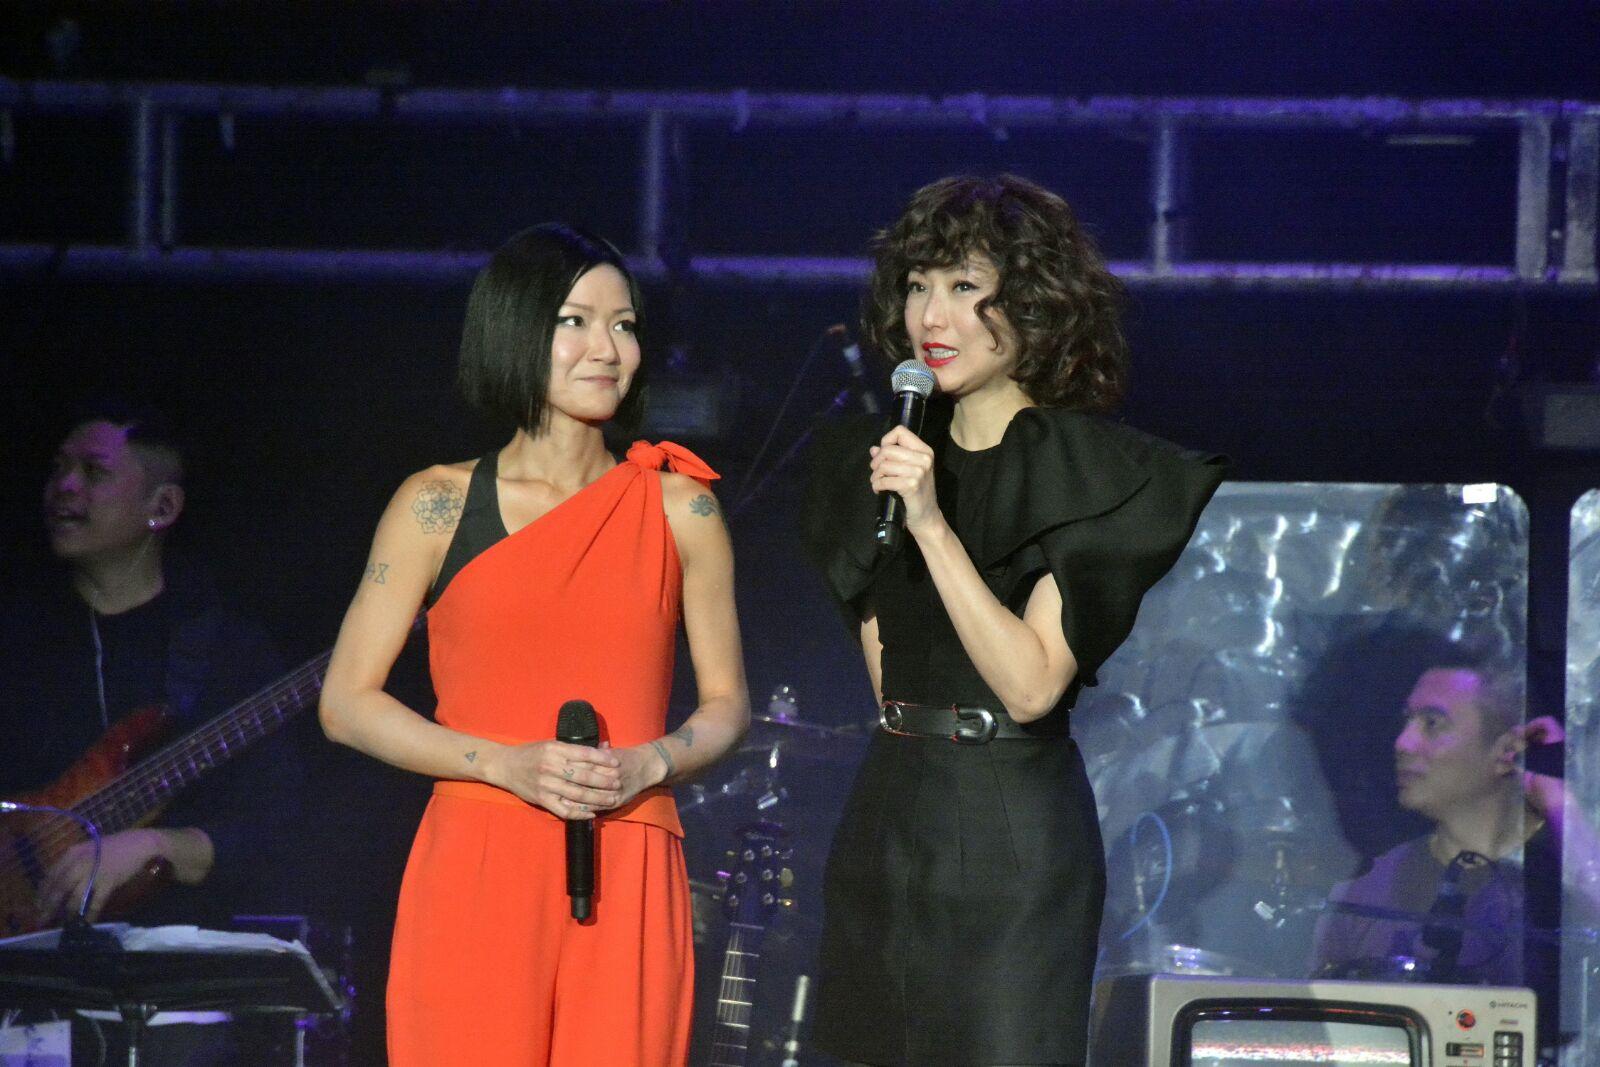 Candy則透露,早前膽粗粗傳短訊給Sammi想邀她任這次演唱會嘉賓。